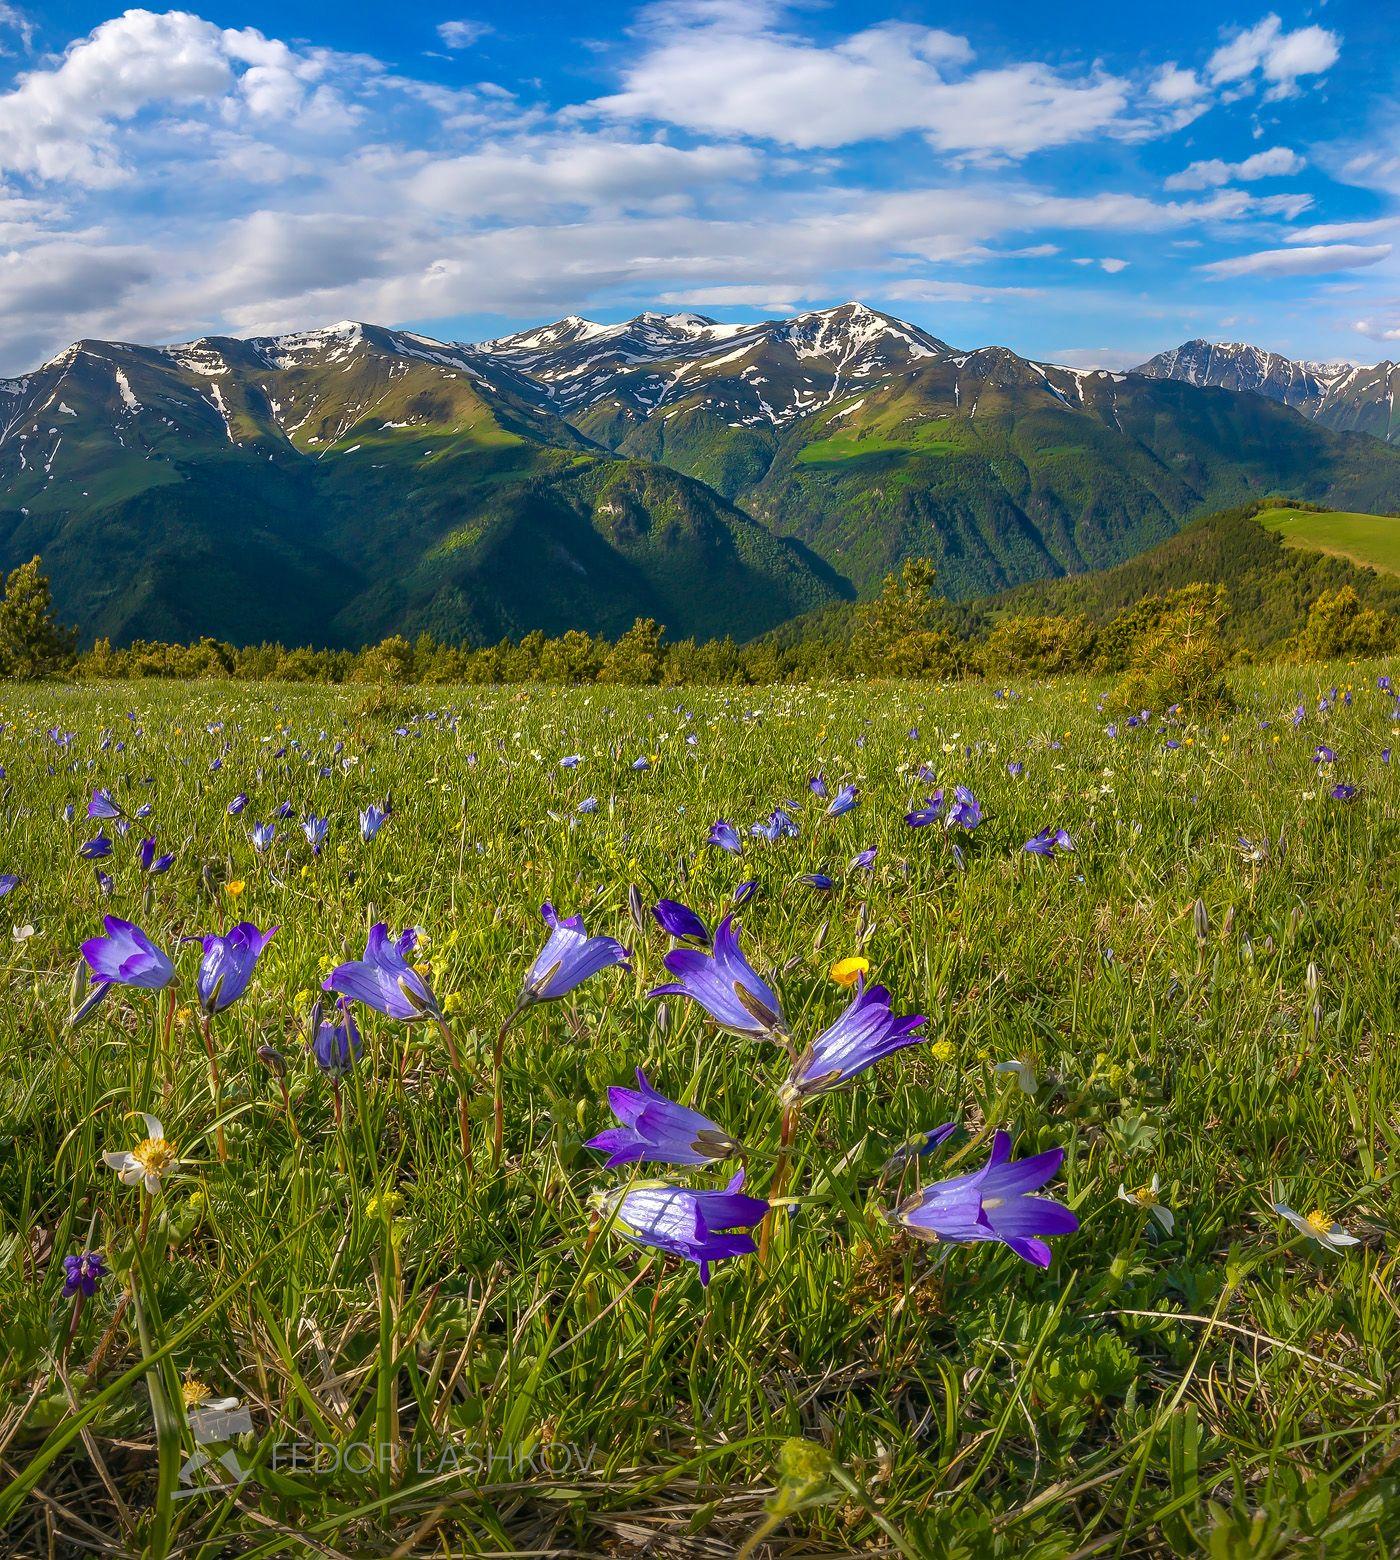 горы, гора, архыз, альпийские, луг, колокольчик, цветы, цветущие луга, цветок, весна, в горах, облака, северный кавказ, вершины, облака,, Лашков Фёдор